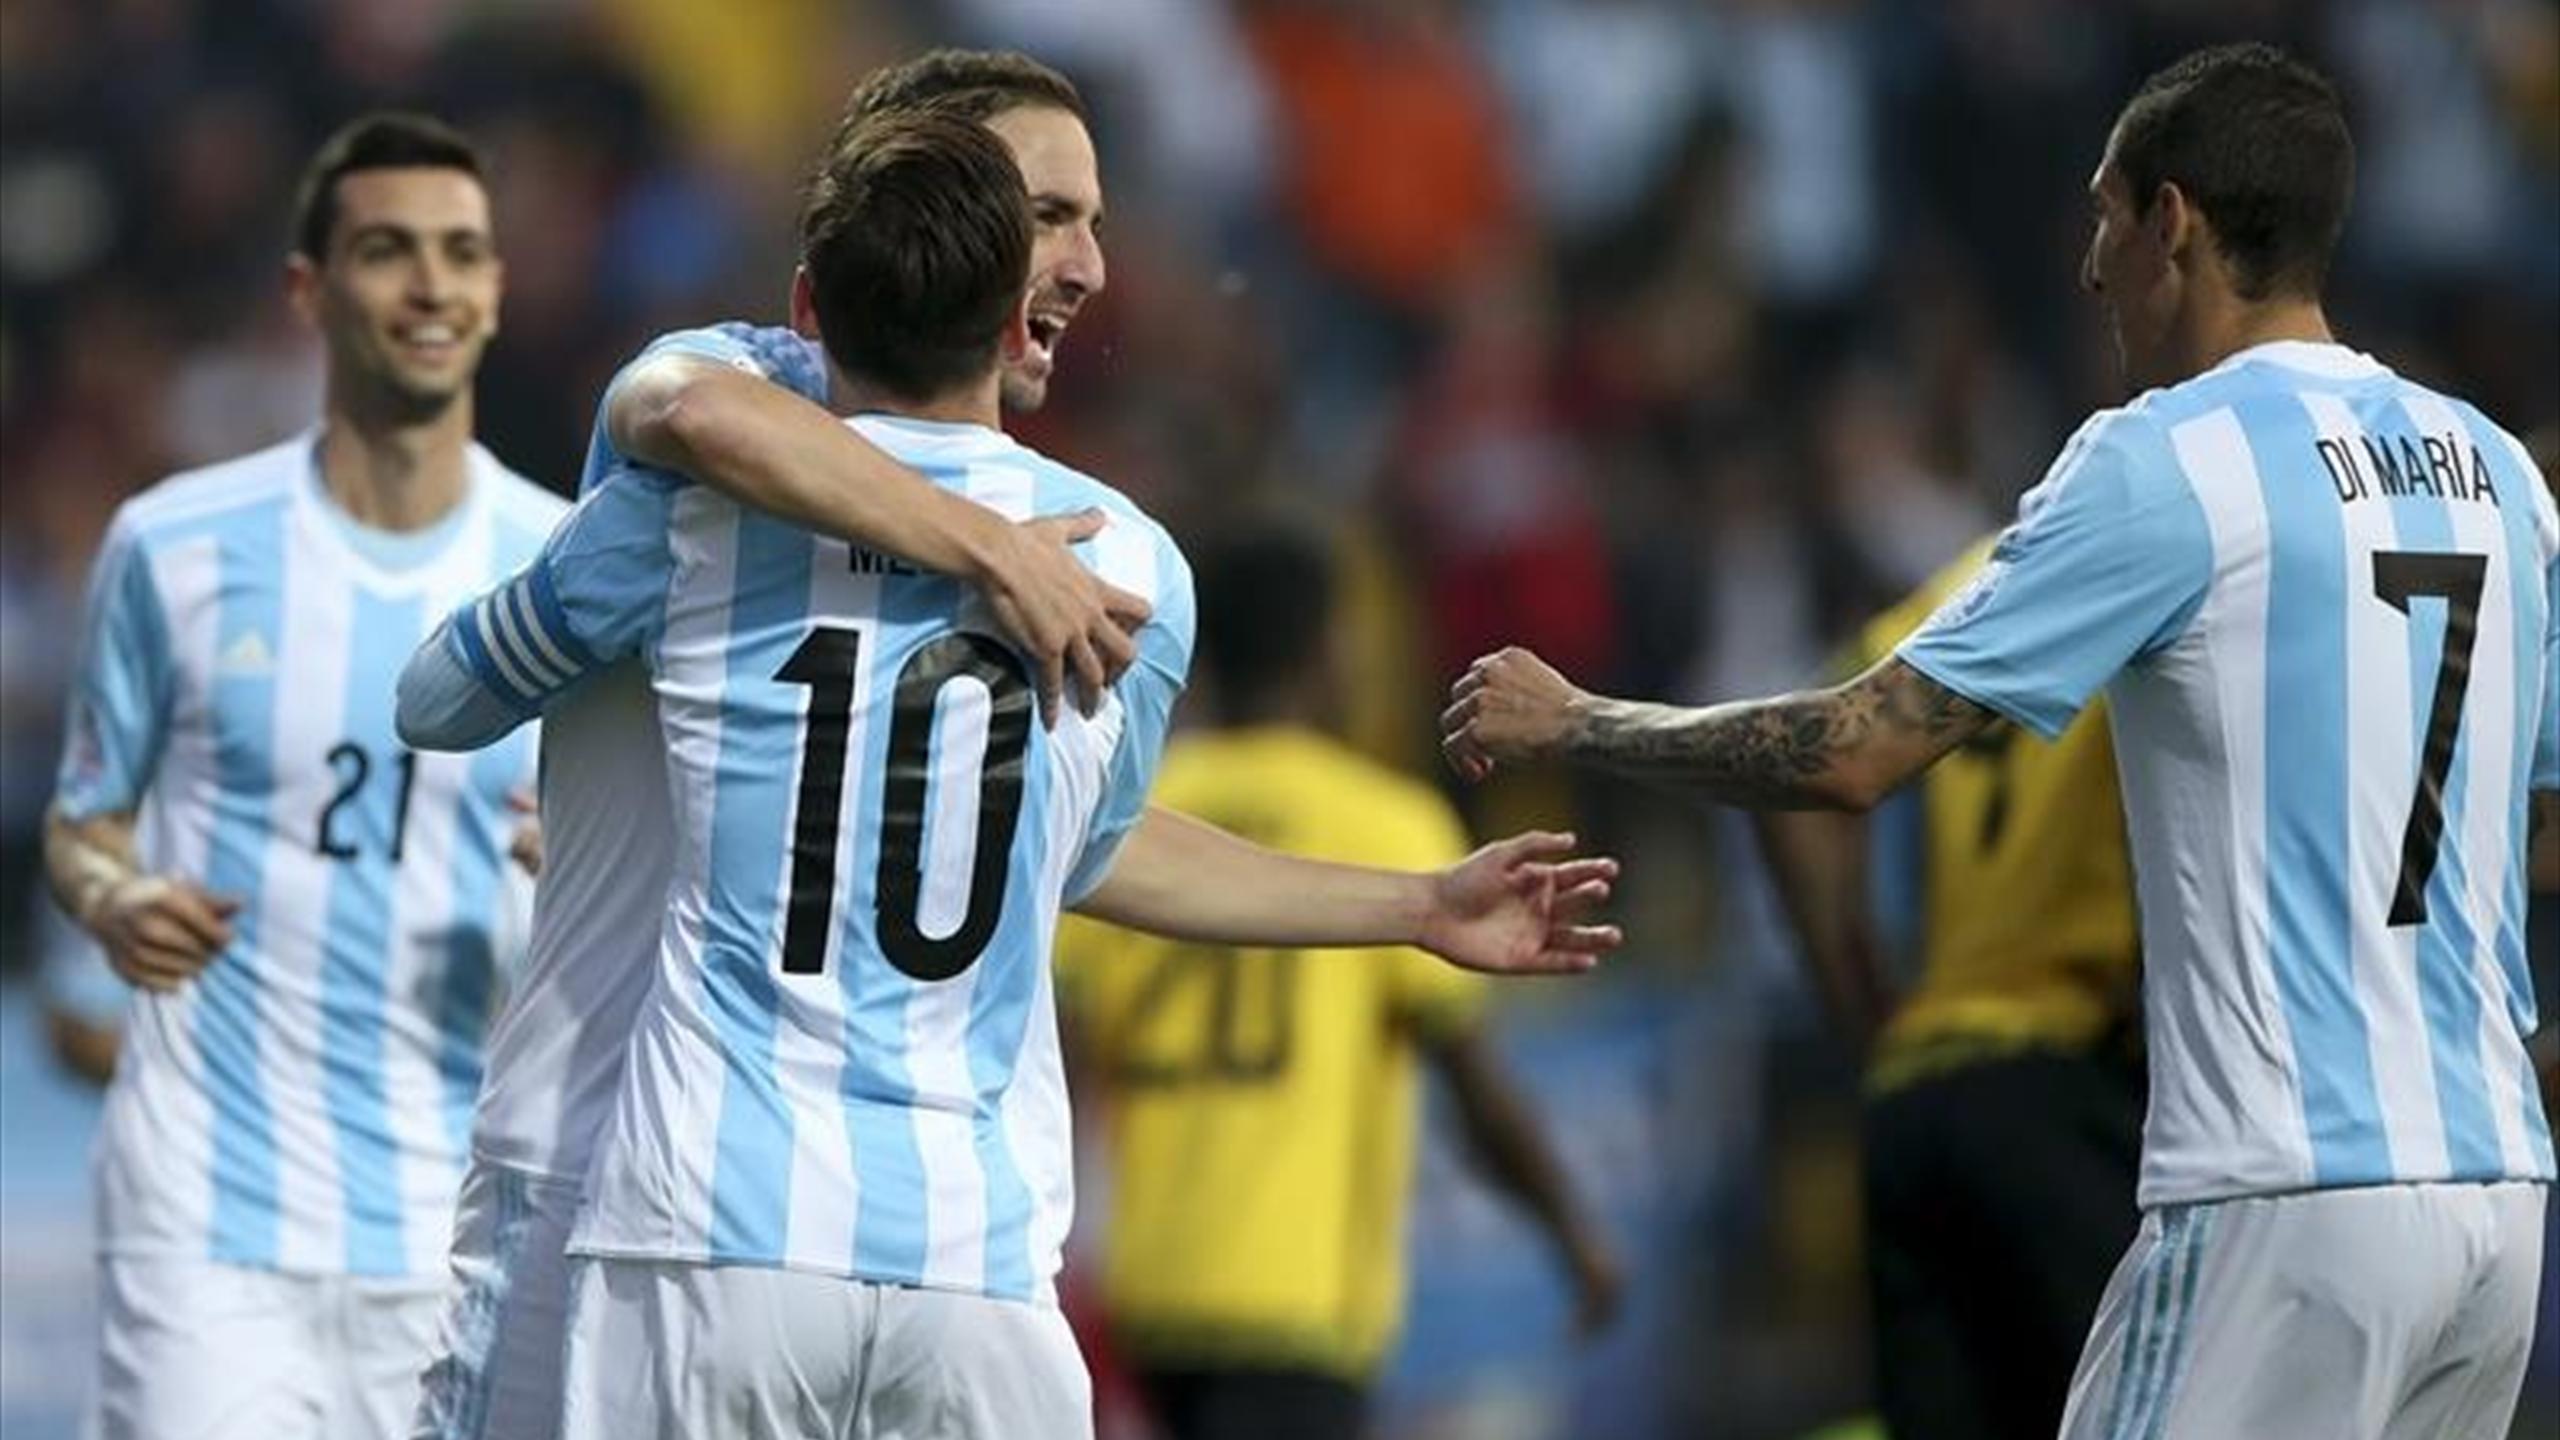 Higuaín celebrando su gol con Messi, Di María y Pastore